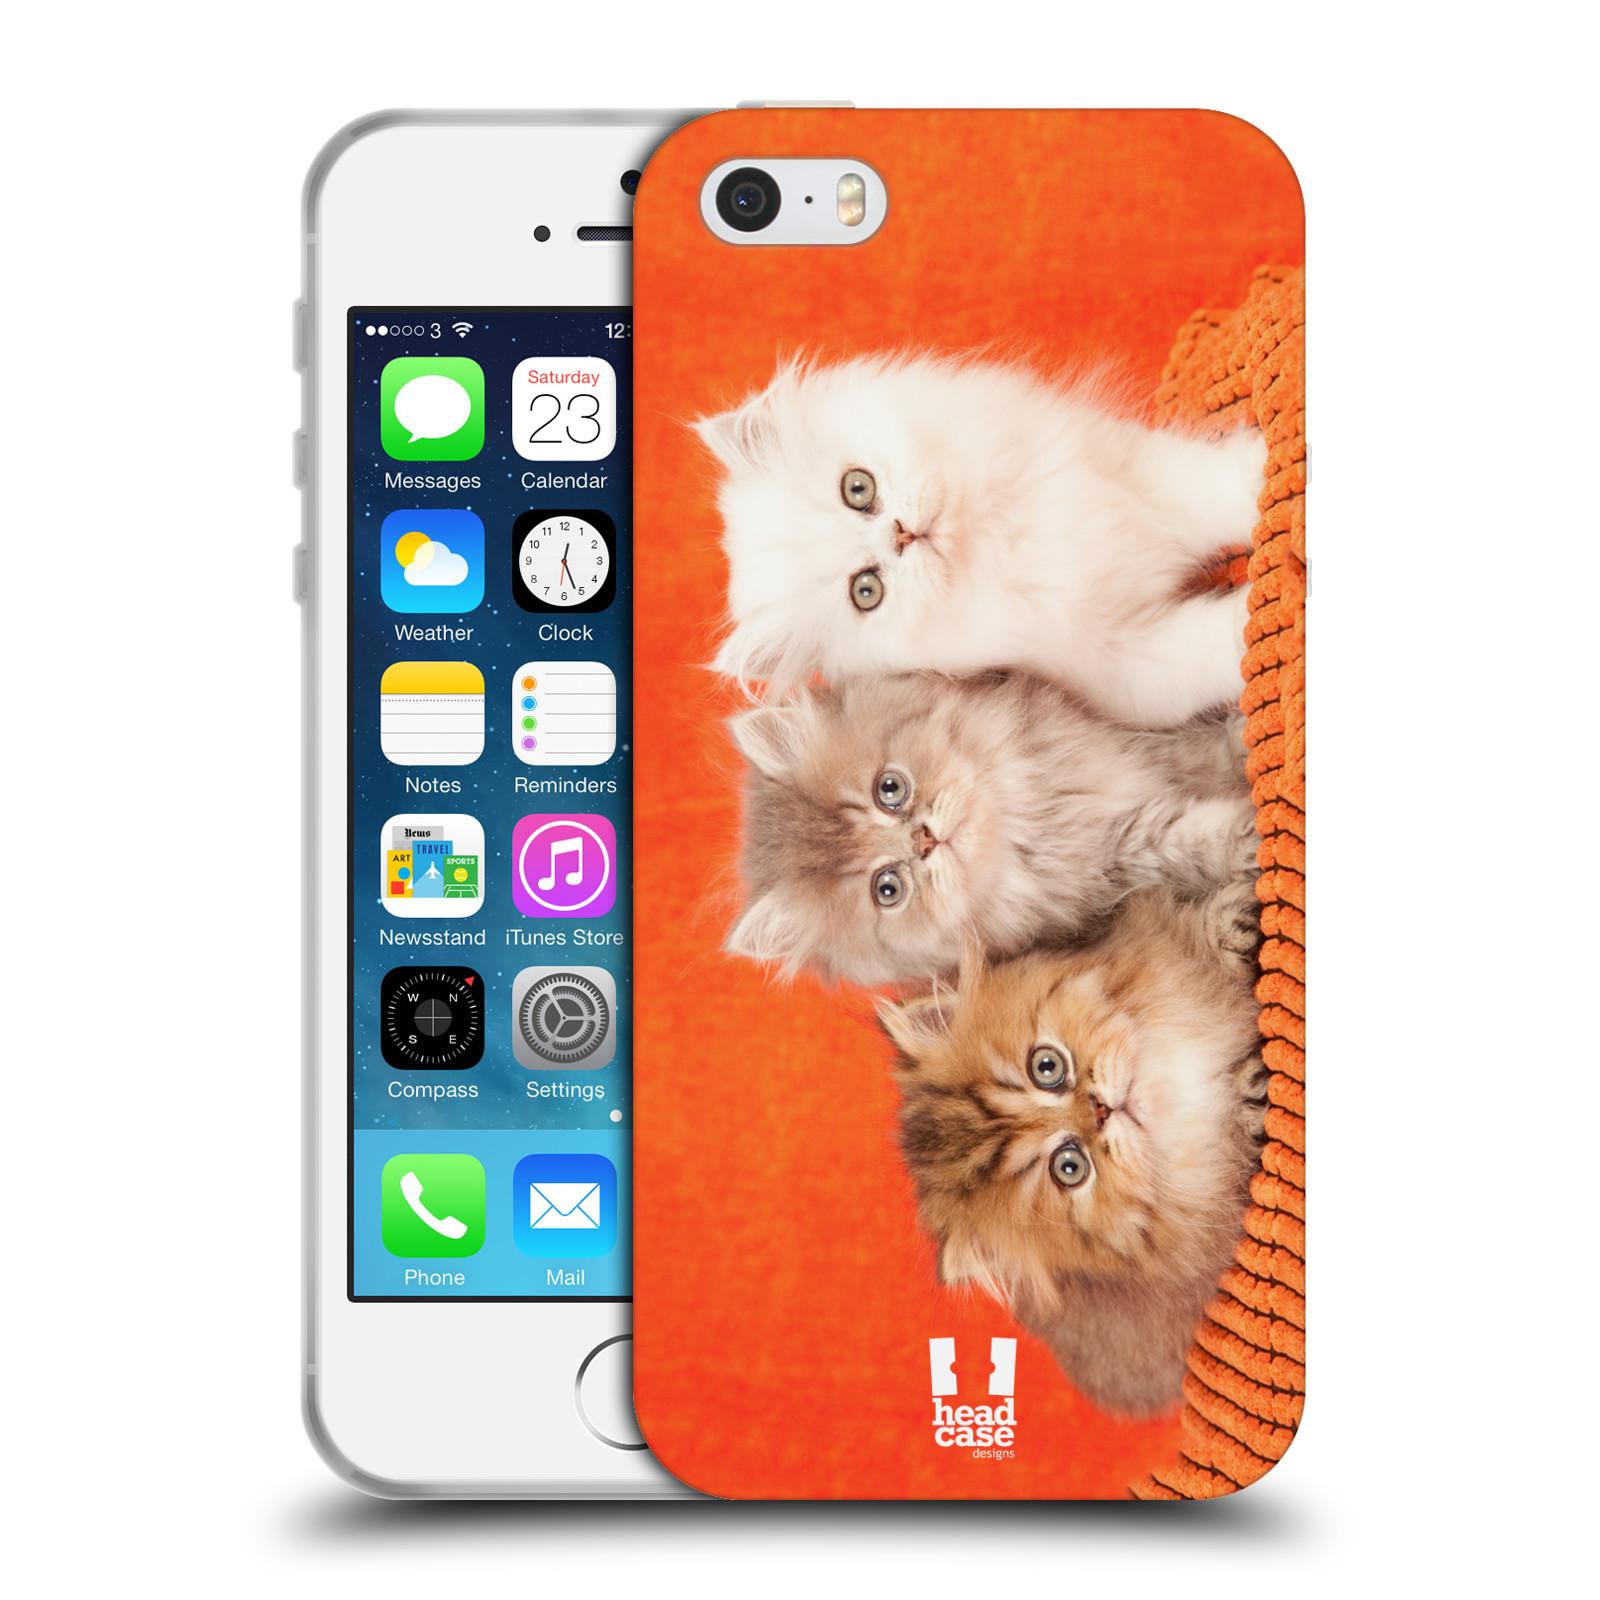 HEAD CASE silikonový obal na mobil Apple Iphone 5/5S vzor Kočičky koťata foto 3 kočky